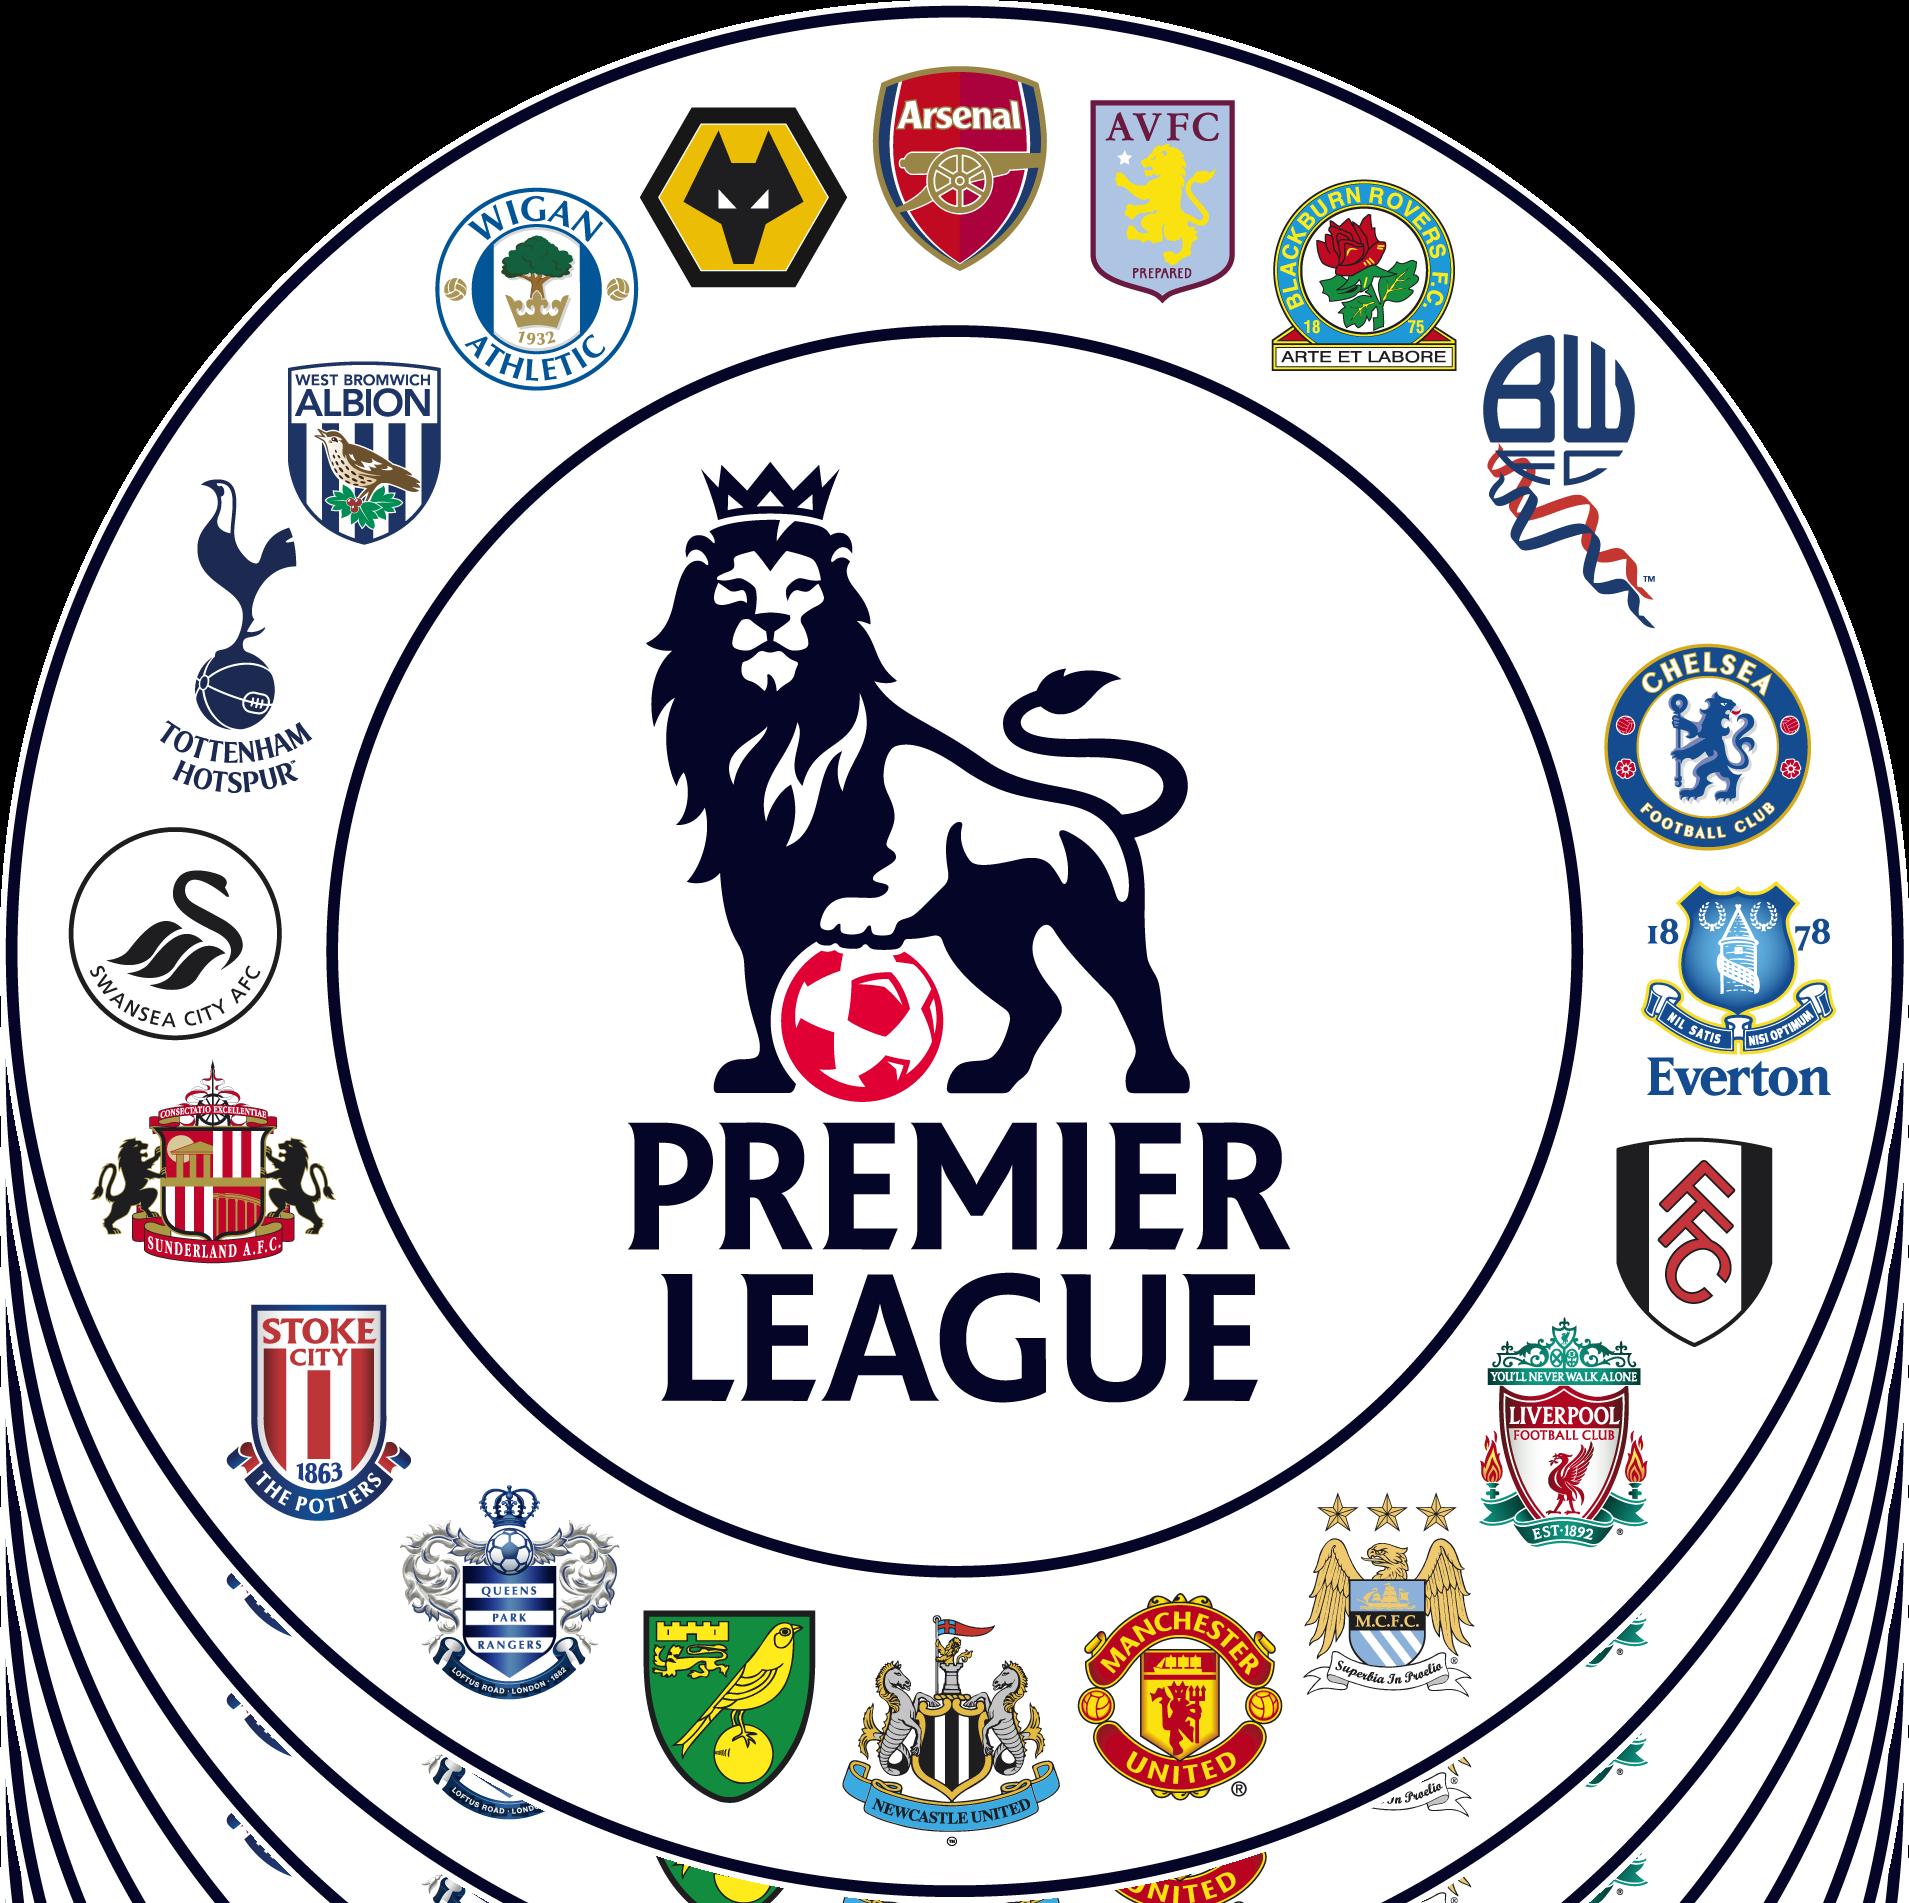 Premier League Logo Premier League Logo Barclay Premier League Premier League Teams